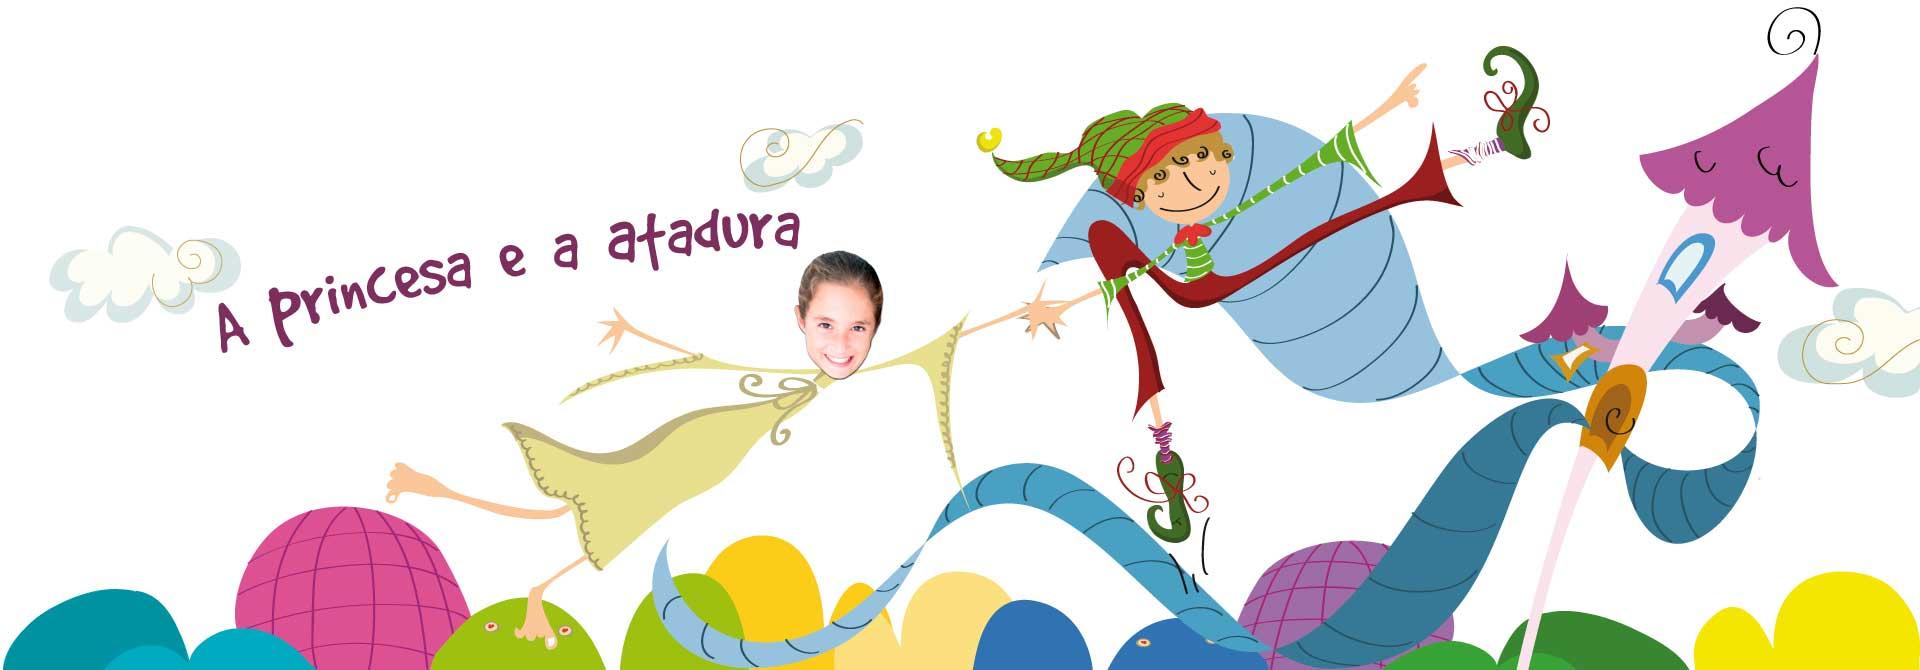 Livros personalizados para crianças: O conto de princesas - Cabeçalho do produto